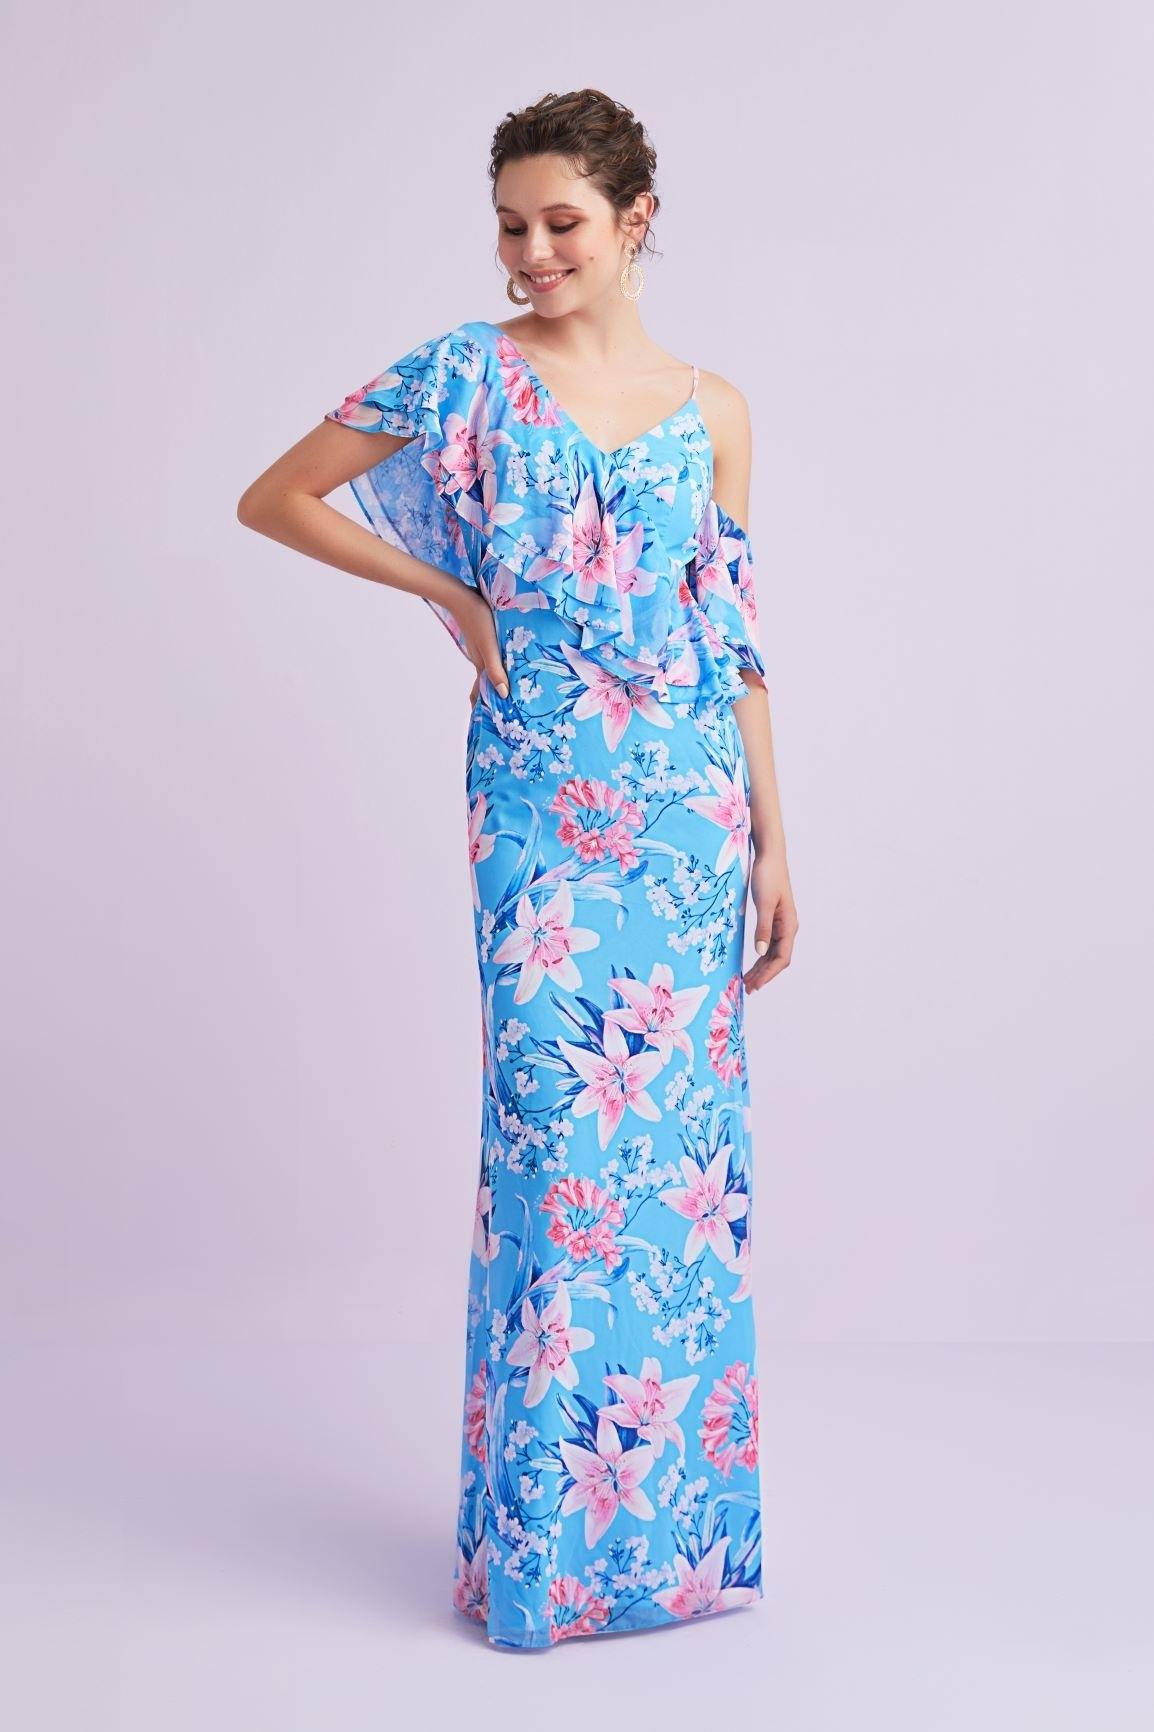 Mavi Çiçekli Askılı Fırfırlı Şifon Uzun Abiye Elbise - Thumbnail